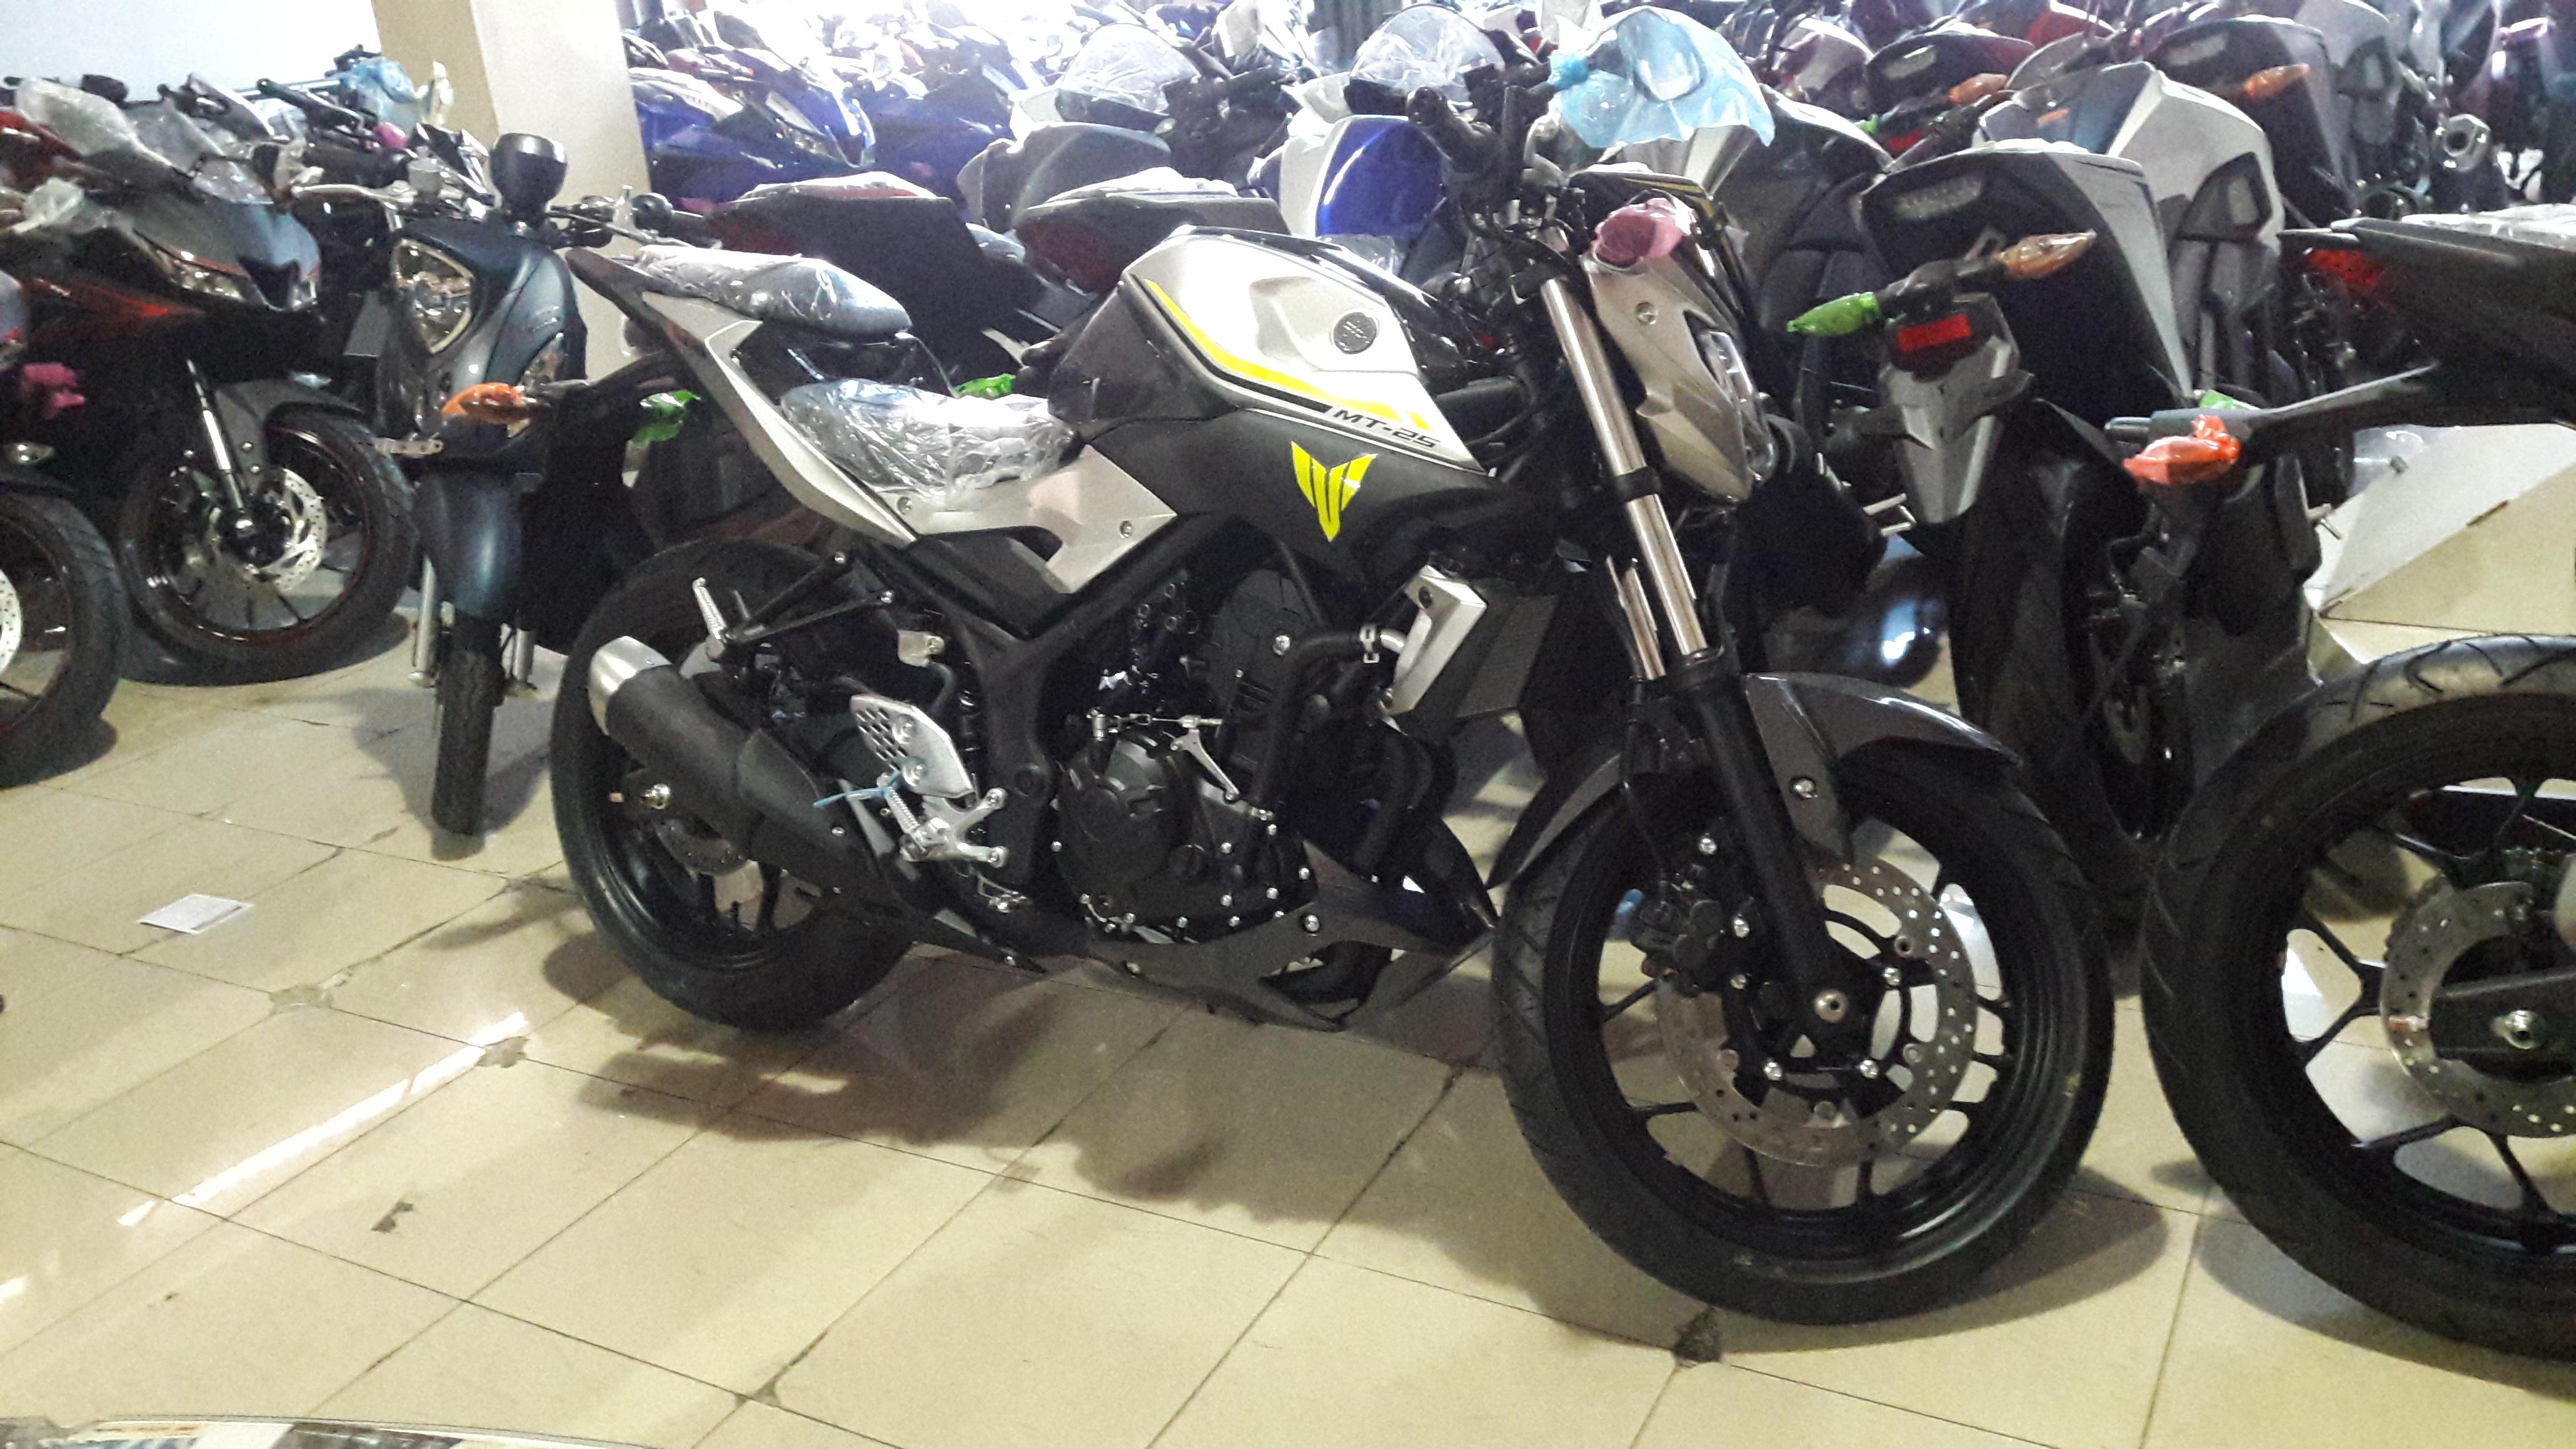 Harga Promo Price List Kredit Motor Yamaha MT25 Memiliki Ukuran 2090 X 720 1135 Mm Dengan Bobot Isi Mencapai 165 Kg